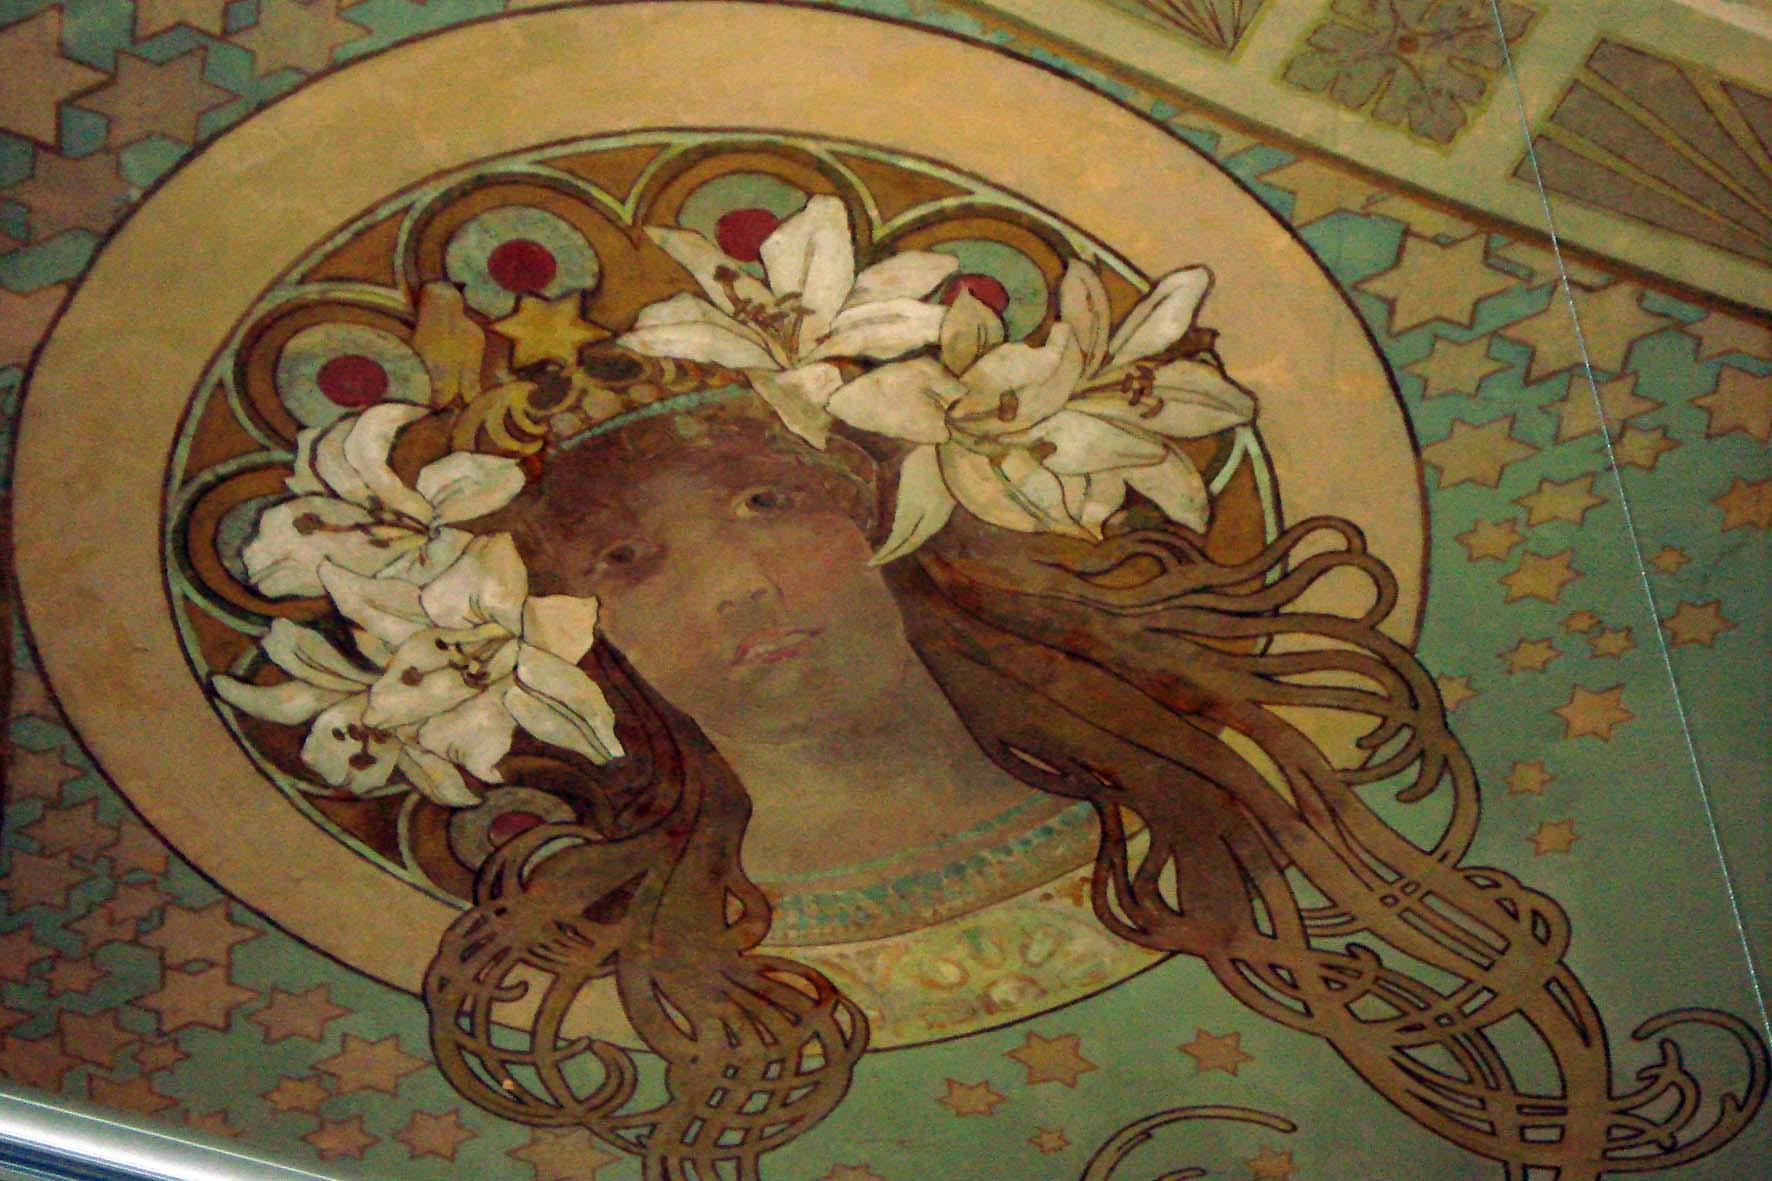 Шоколадный домик_Портрет Сары Бернар на потолке зала Модерн_Шелковичная17-2.JPG